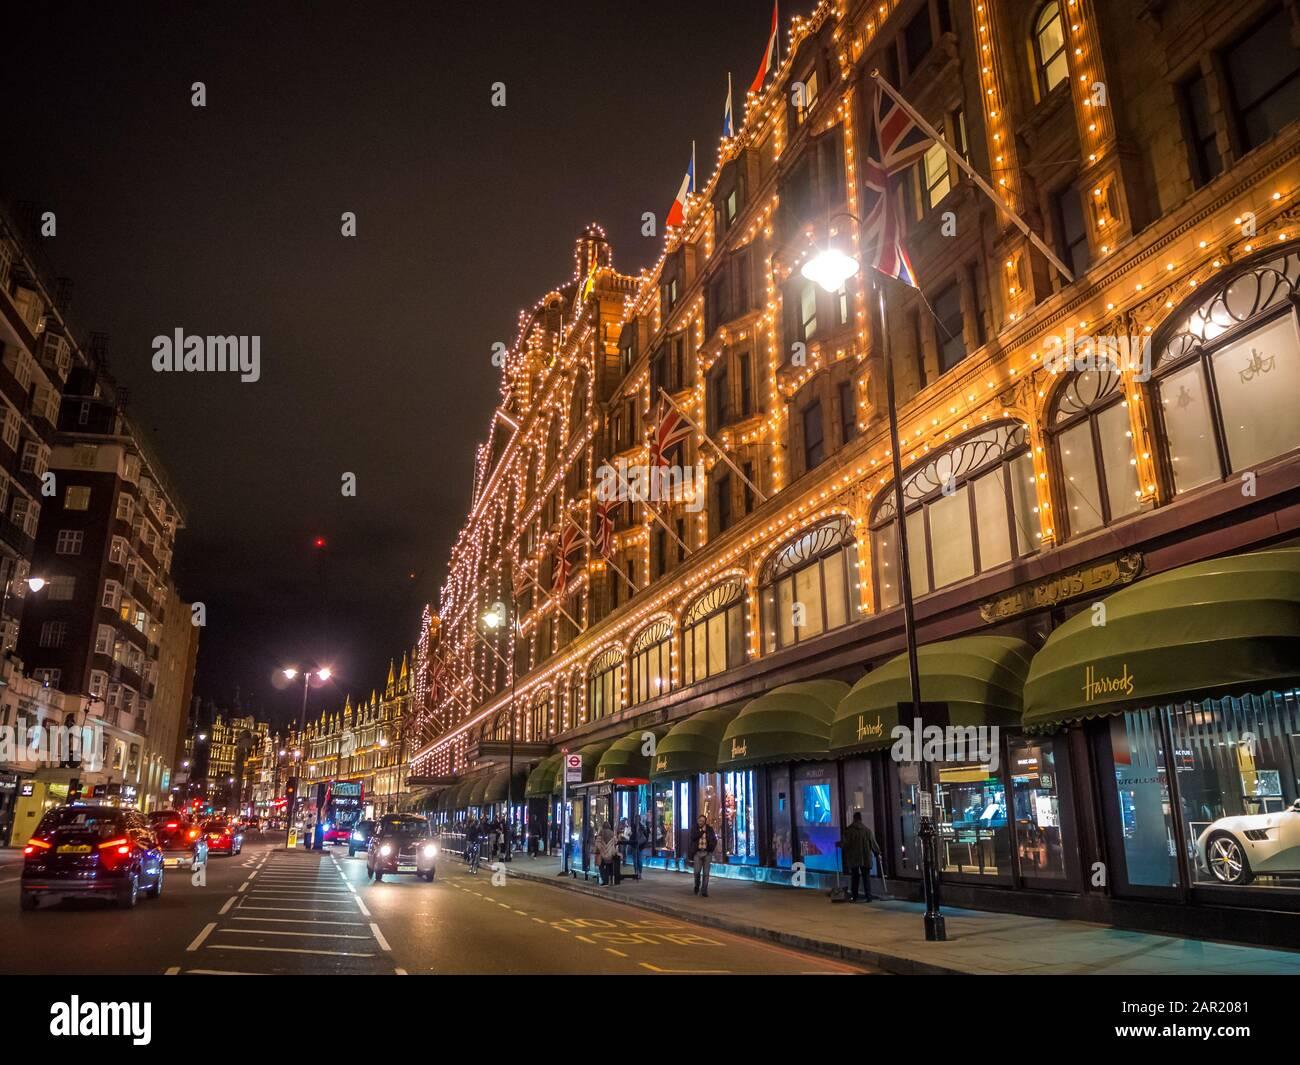 Londres, ROYAUME-UNI - 09 octobre 2017 : Londres, Royaume-Uni - 9 OCTOBRE 2017 : le célèbre grand magasin Harrods de Knightsbridge à Londres, Royaume-Uni. Harrods est TH Banque D'Images